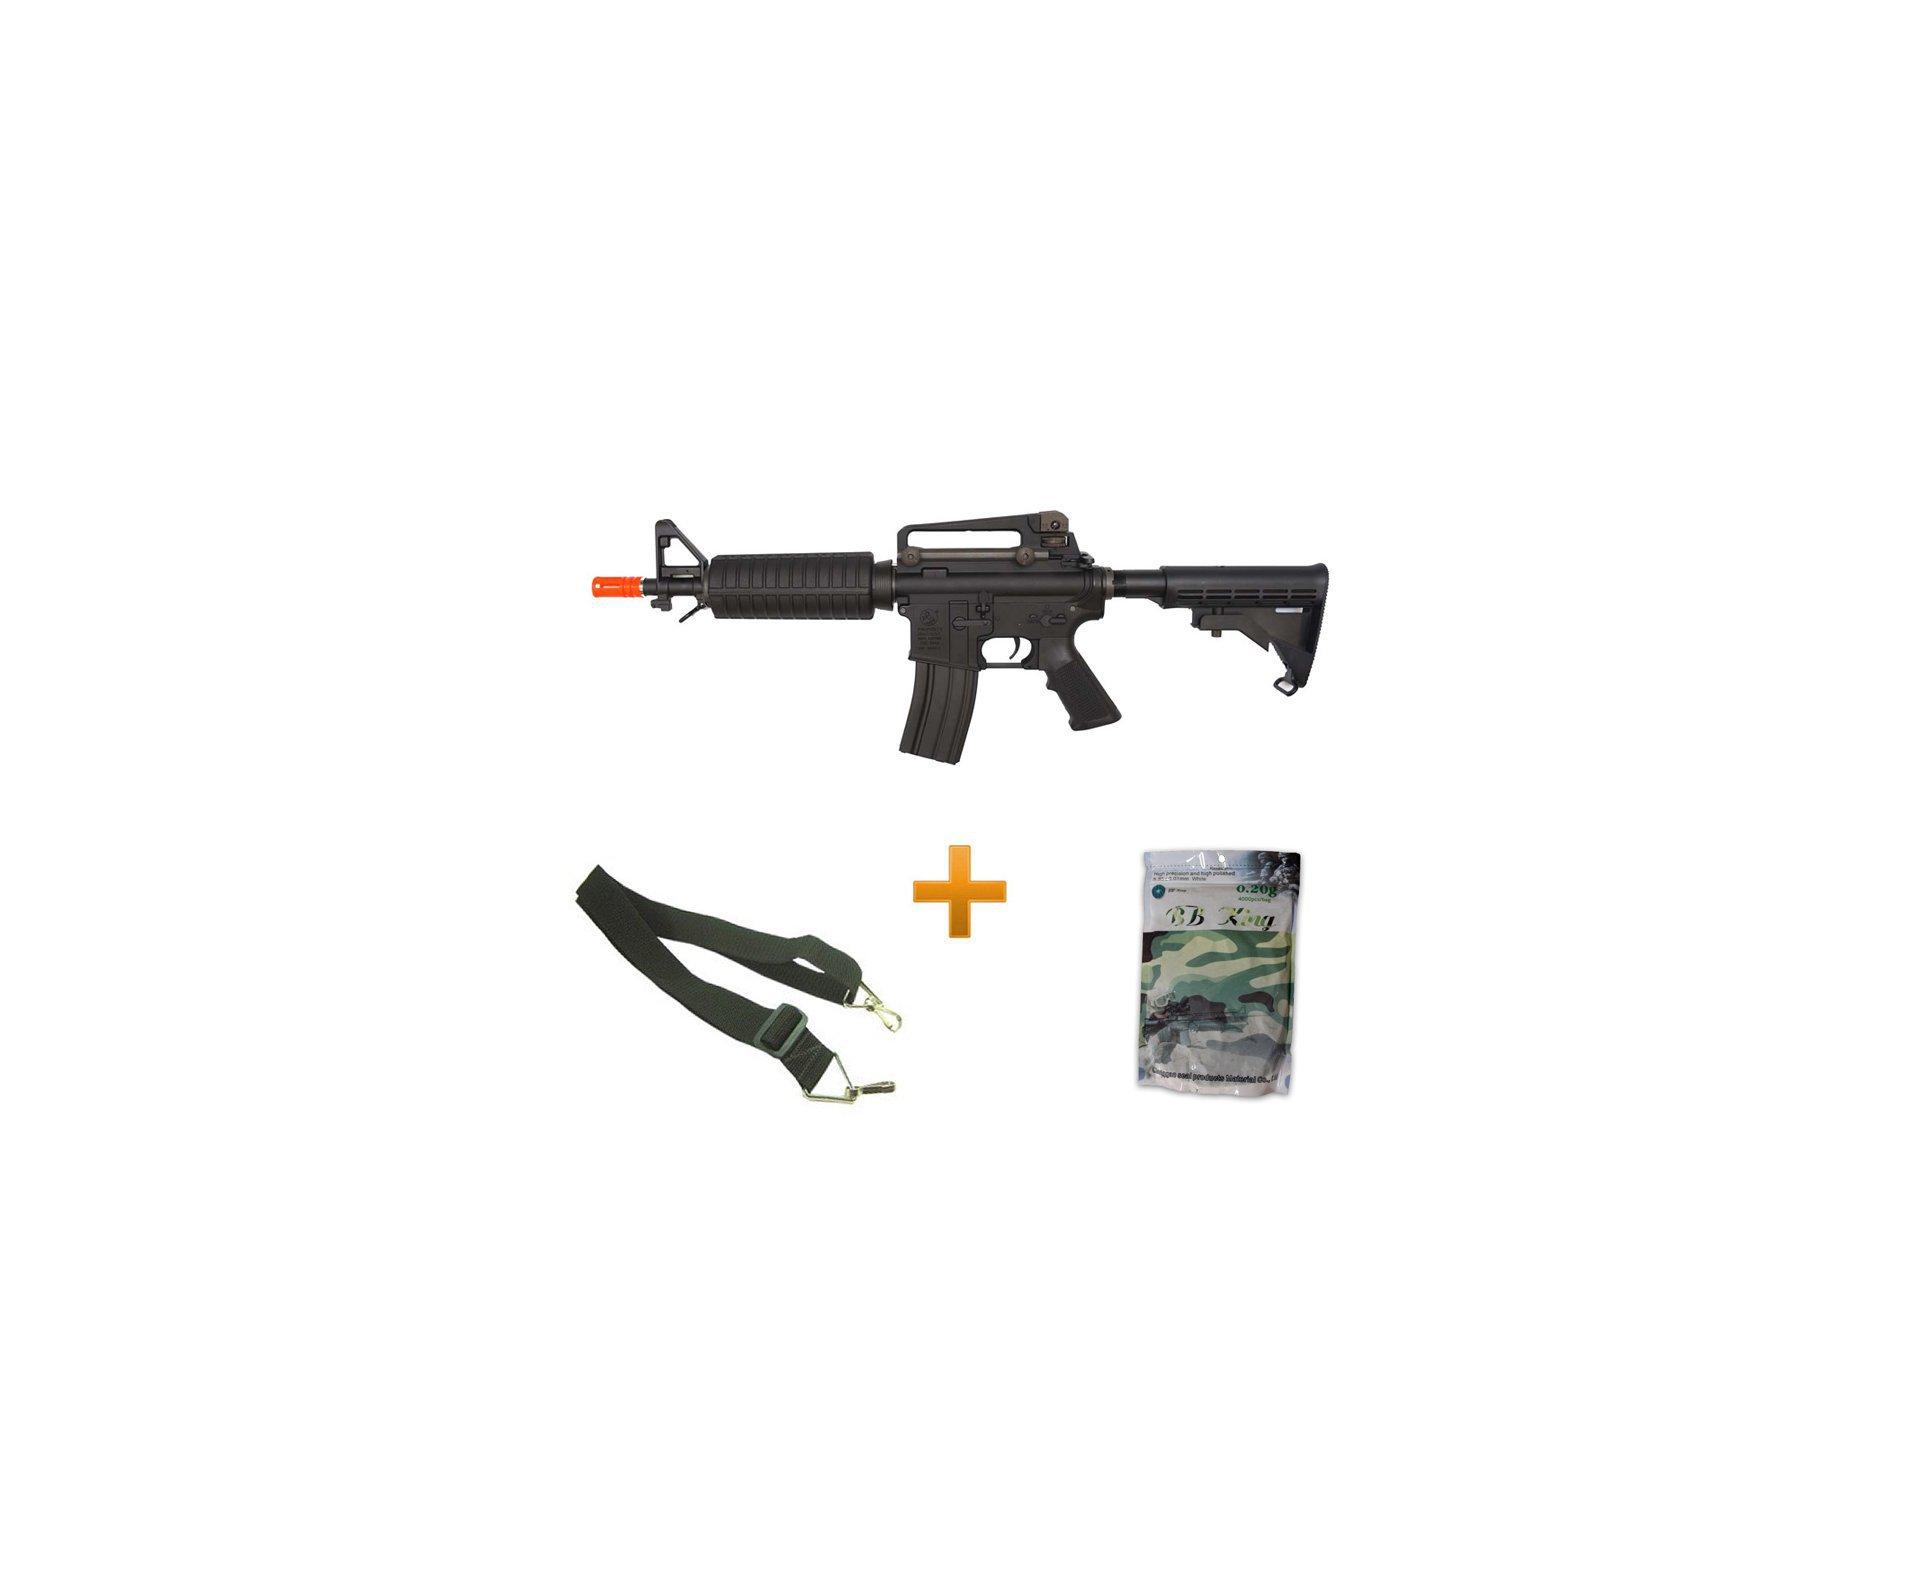 Rifle De Airsoft Colt M4 Commando M933 - Calibre 6,0mm - Aeg Original + 4.000 Esferas + Bandoleira